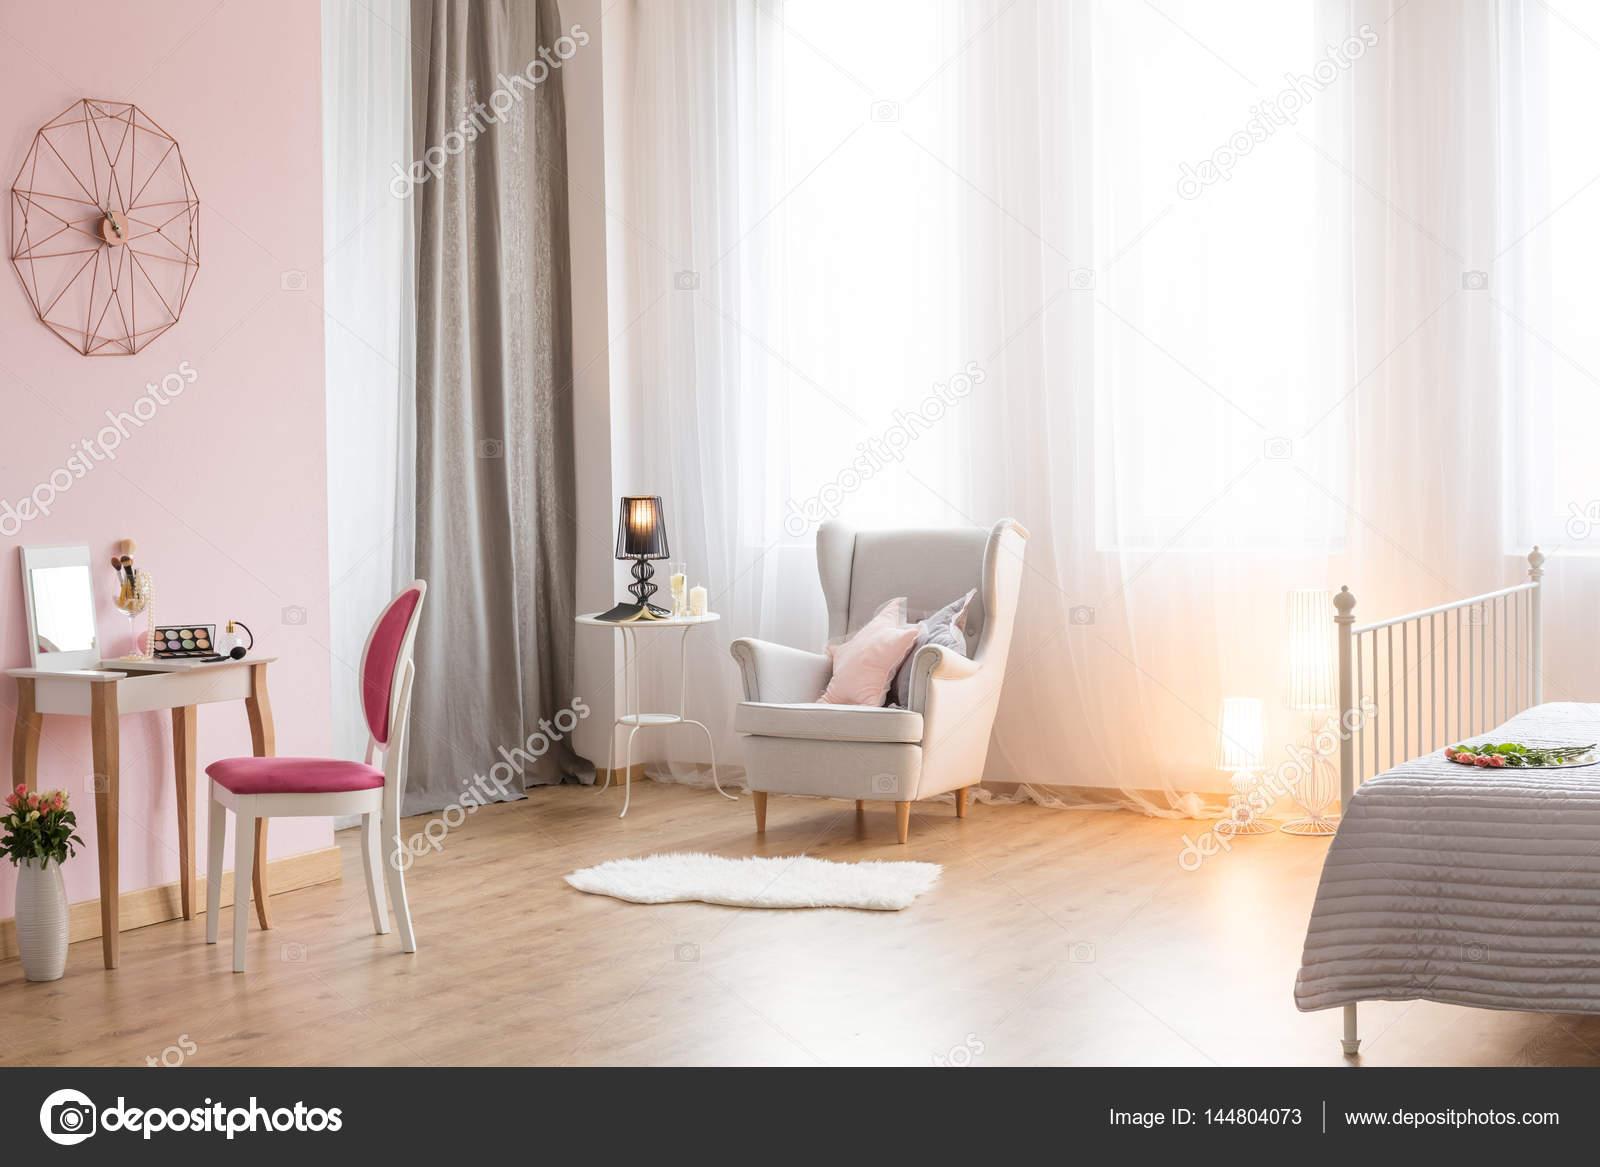 Immagini Camere Da Letto Romantiche : Camera da letto romantica con poltrona u foto stock photographee